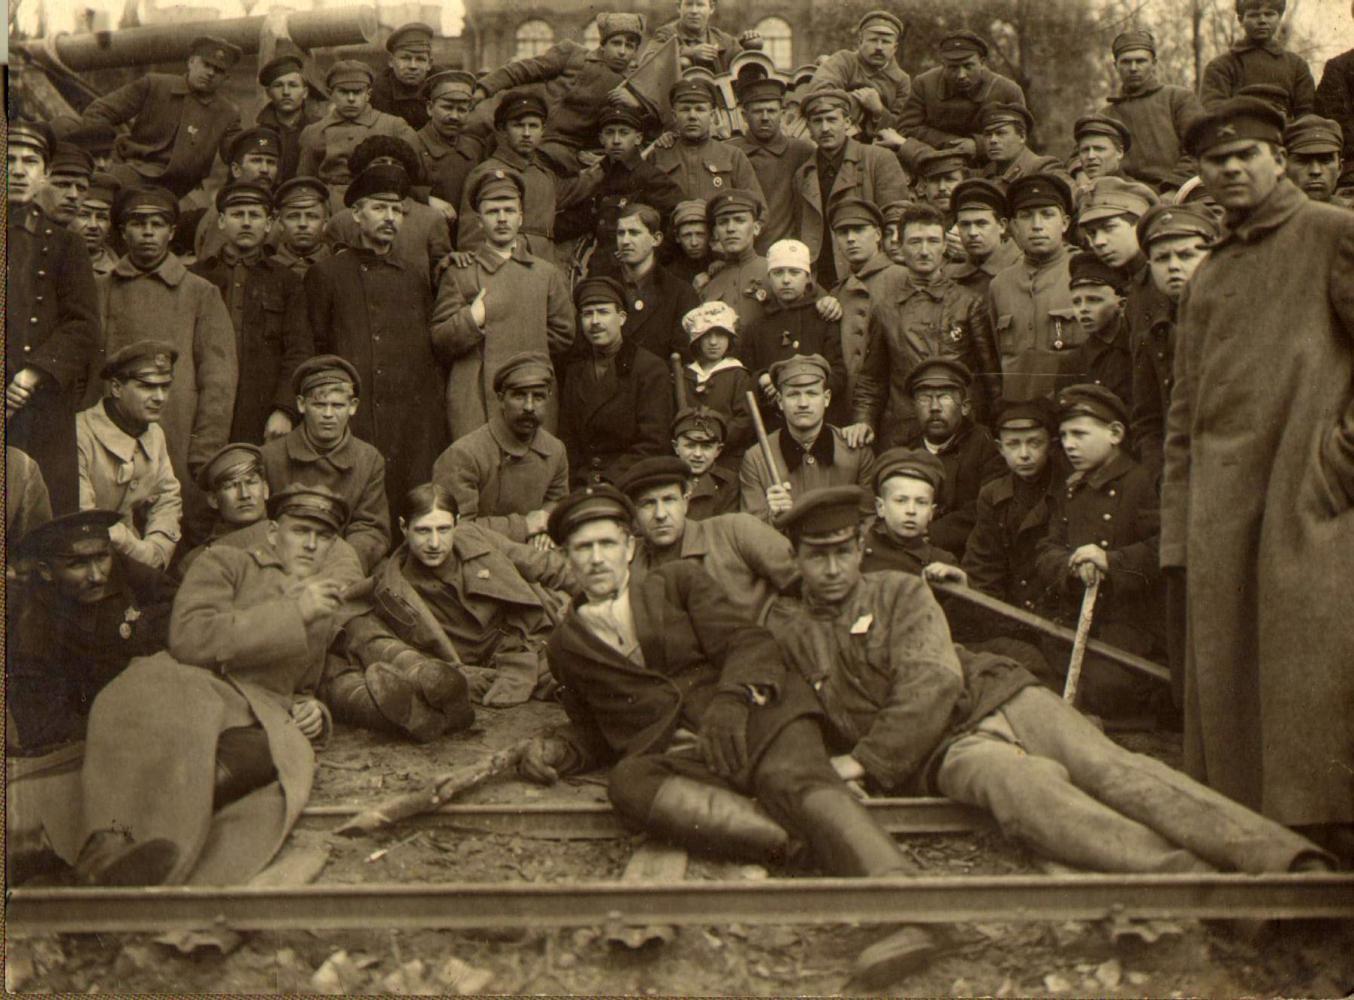 1920. Субботник в Петрограде. Слом ограды Зимнего дворца.